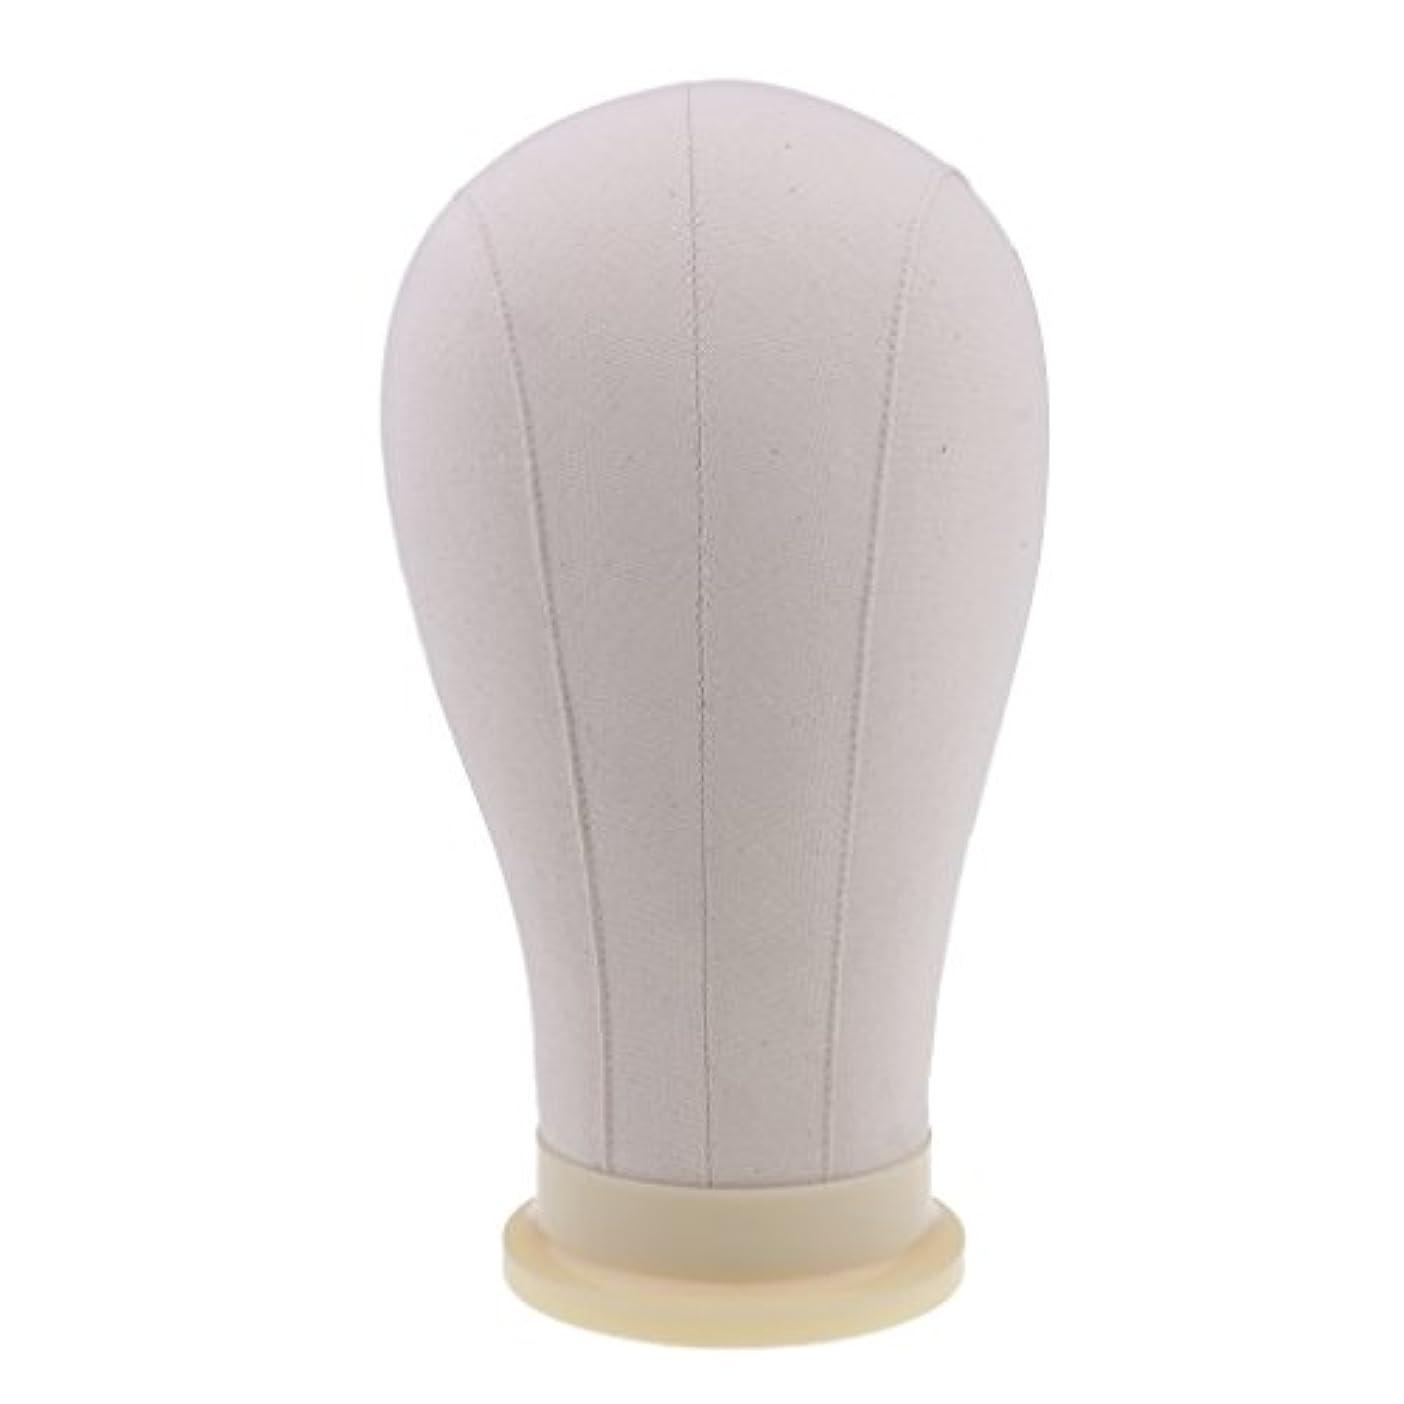 香水悪党強化するToygogo マネキンヘッド ディスプレイ 頭部モデル かつら 帽子 メガネ 展示 ホルダー 4サイズ - 23インチ